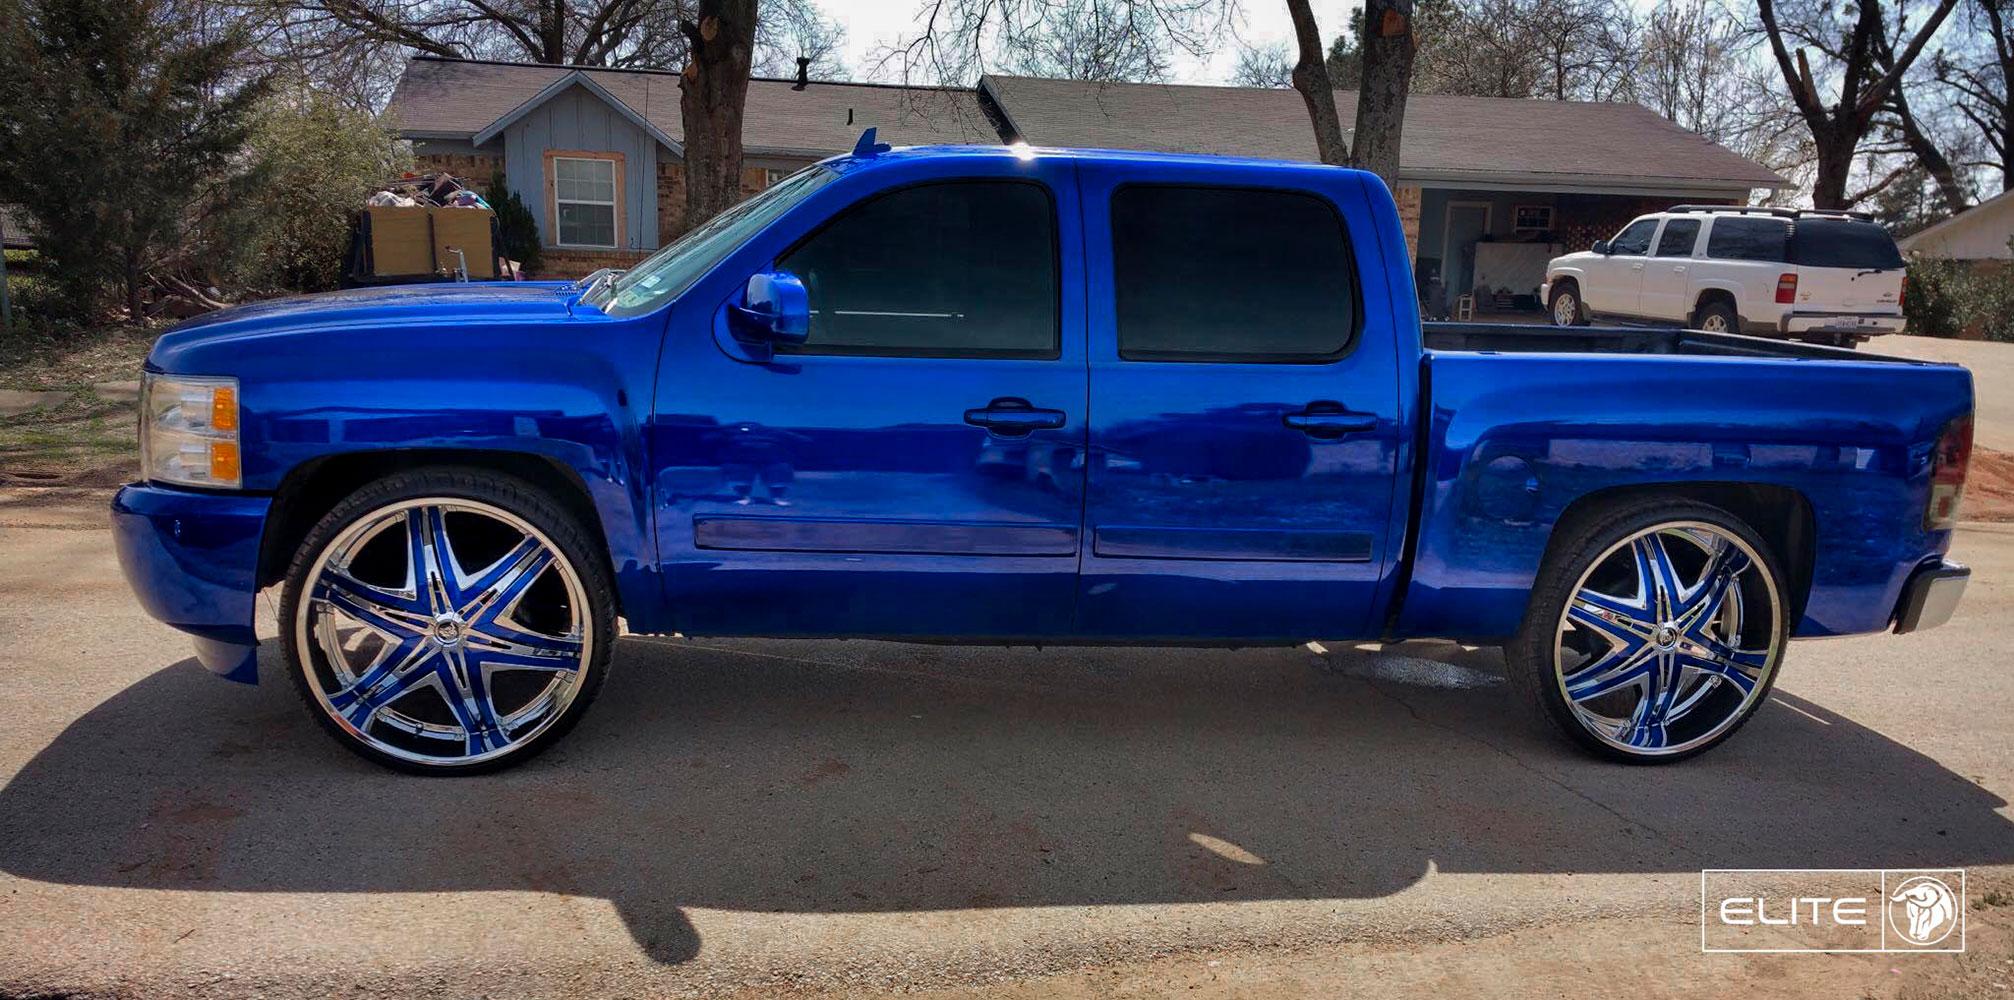 Diablo Elite on a Chevy Silverado